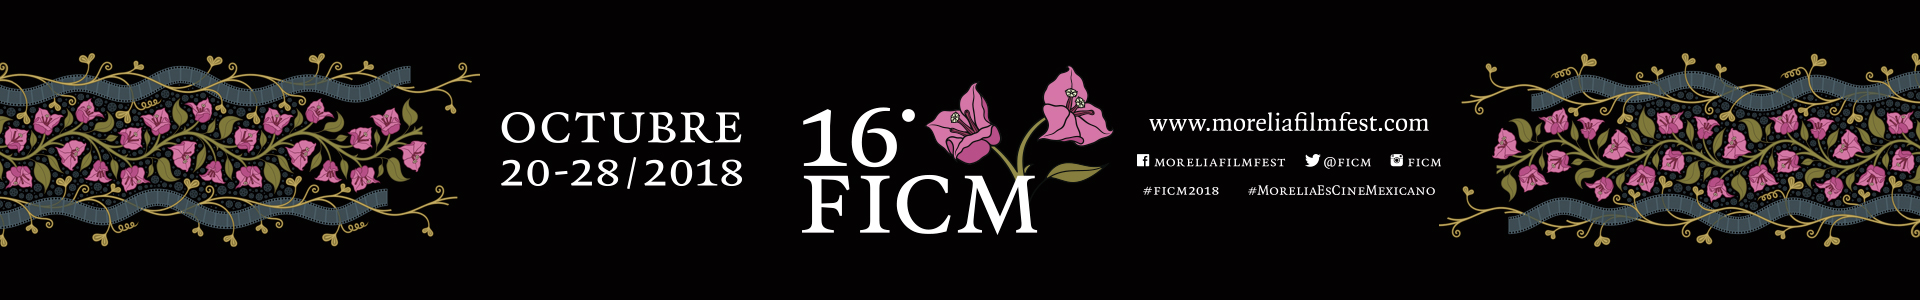 16° Festival Internacional de Cine de Morelia